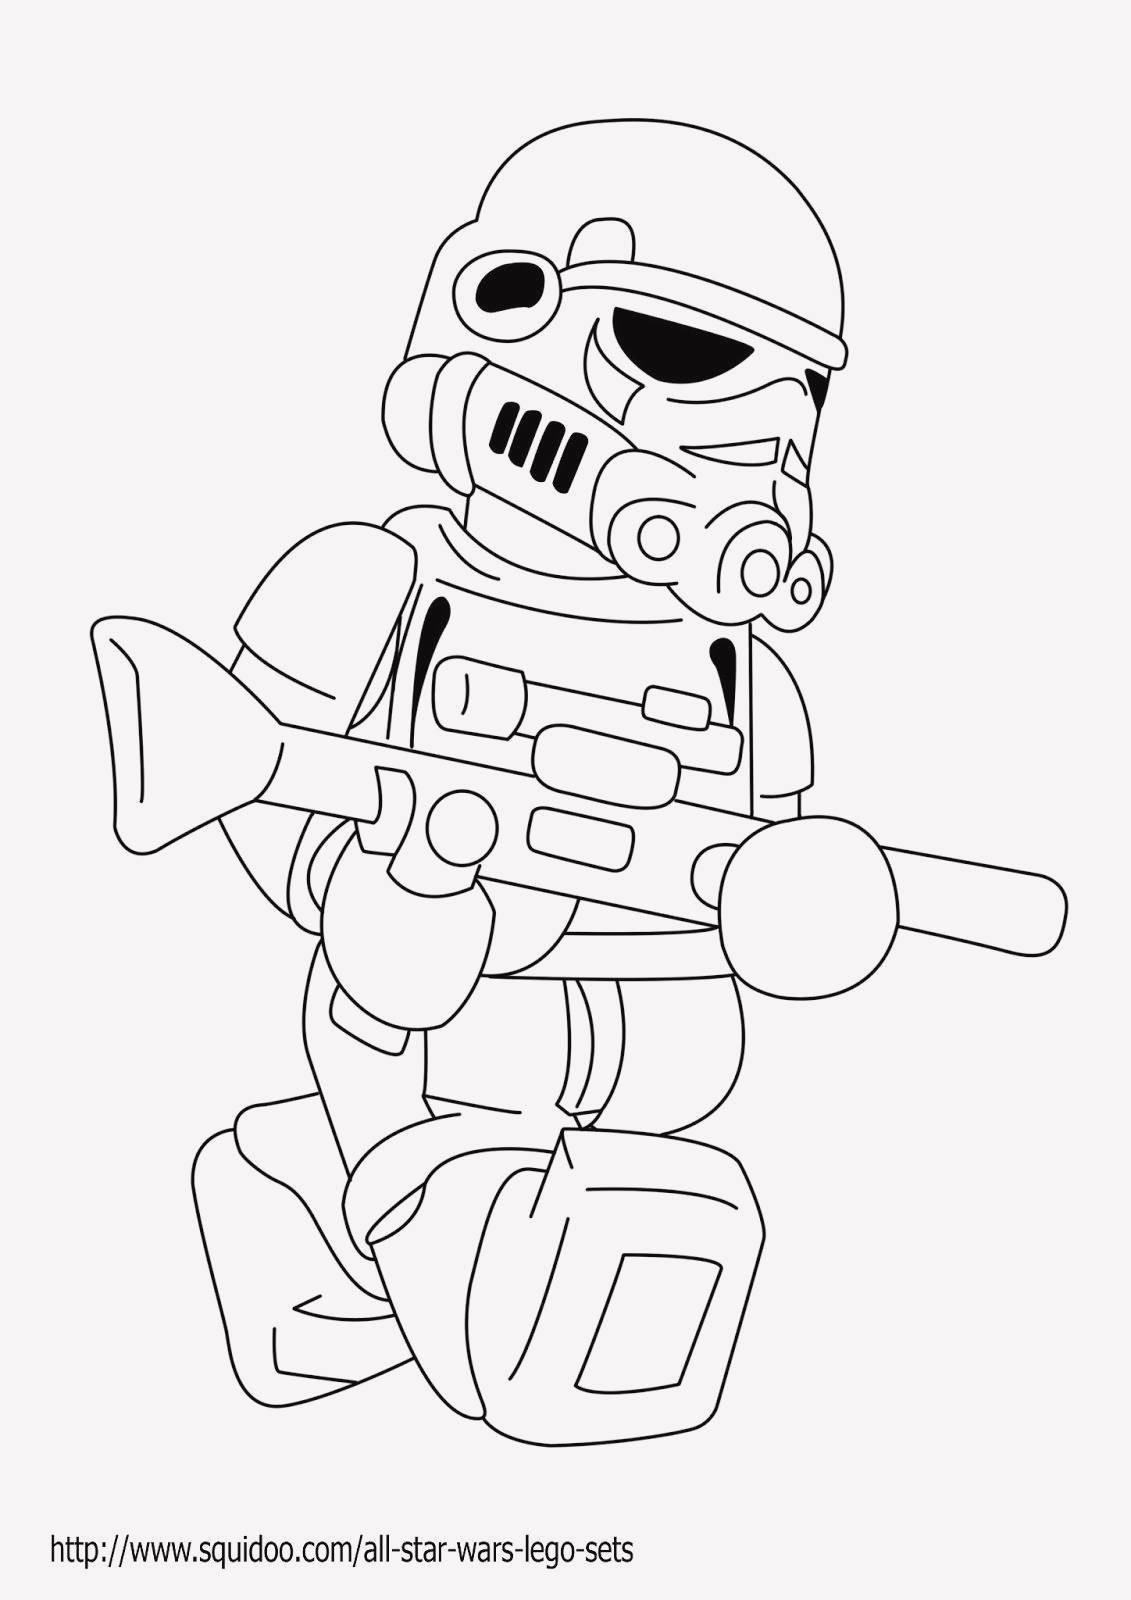 Lego Ausmalbilder Zum Ausdrucken Frisch 25 Druckbar Lego Star Wars Ausmalbilder Zum Drucken Das Bild